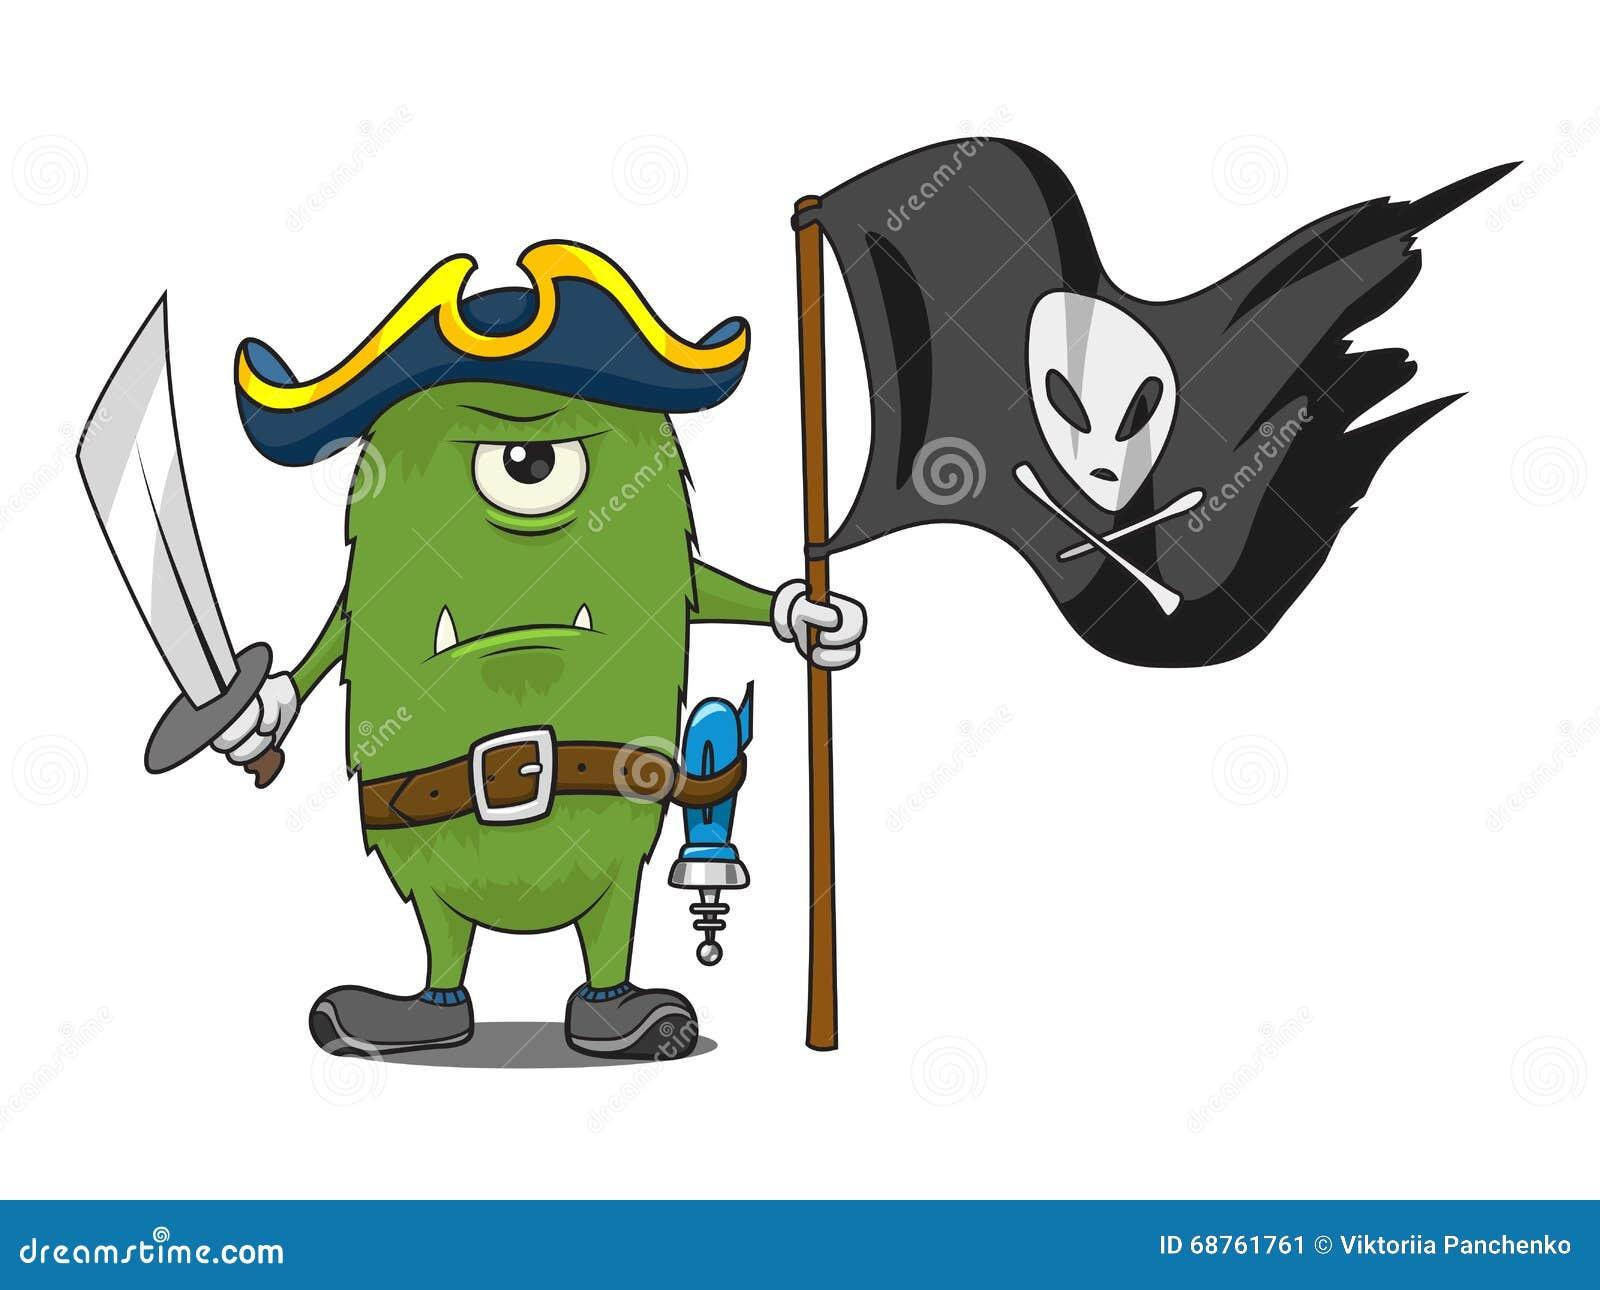 Ilustracao Do Vetor Do Monstro Do Pirata Do Espaco Dos Desenhos